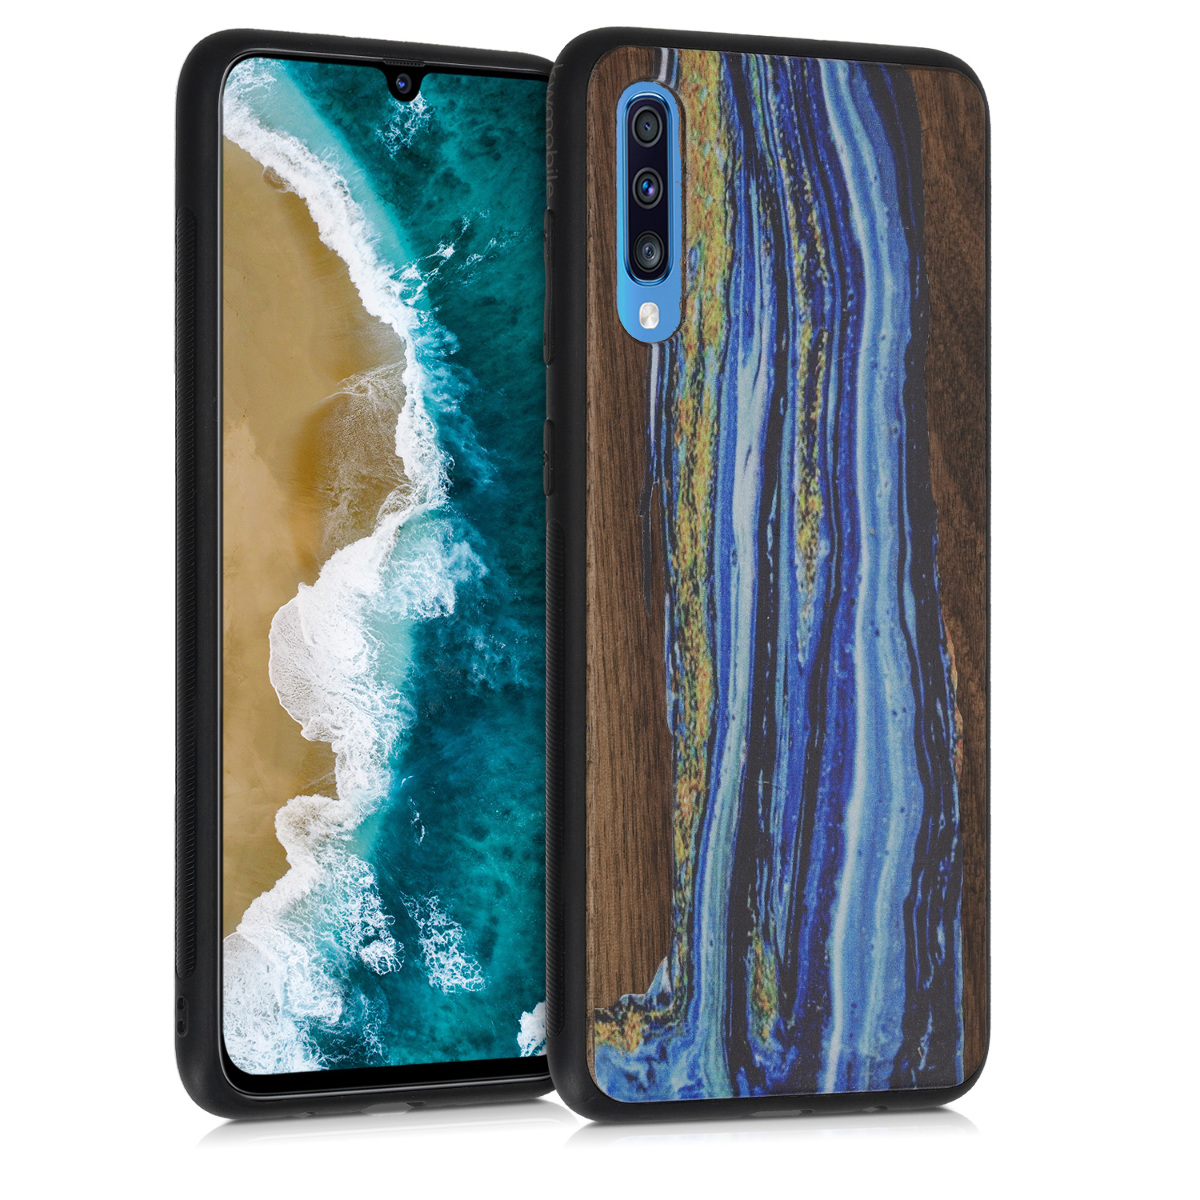 Dřevěné pouzdro pro Samsung A70 - Akvarel Waves modré / Hnědá